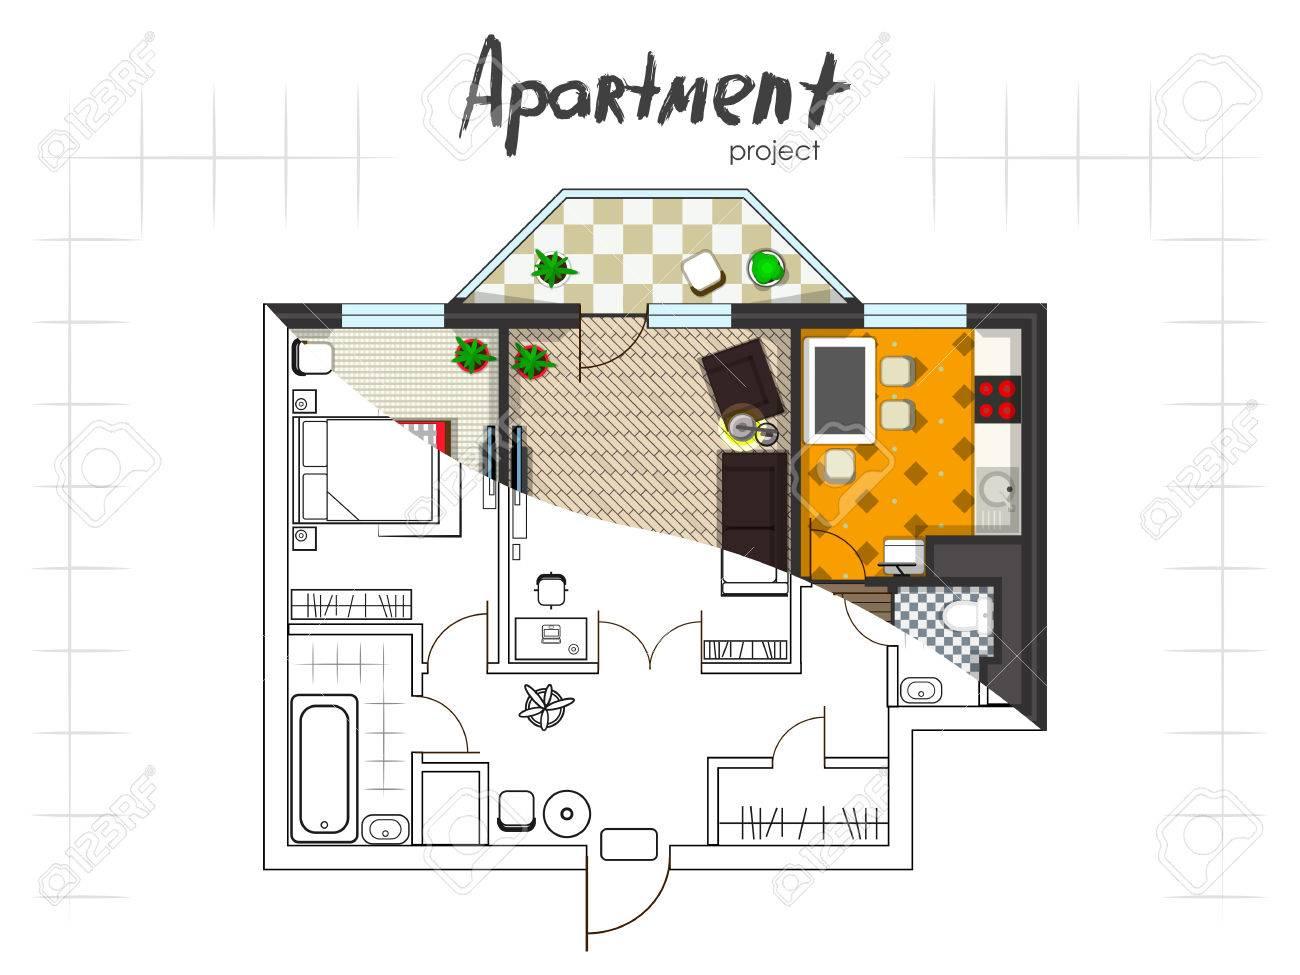 Apartment-Projekt. Grundriss Mit Möbeln. Küche, Wohnzimmer, Zwei ...